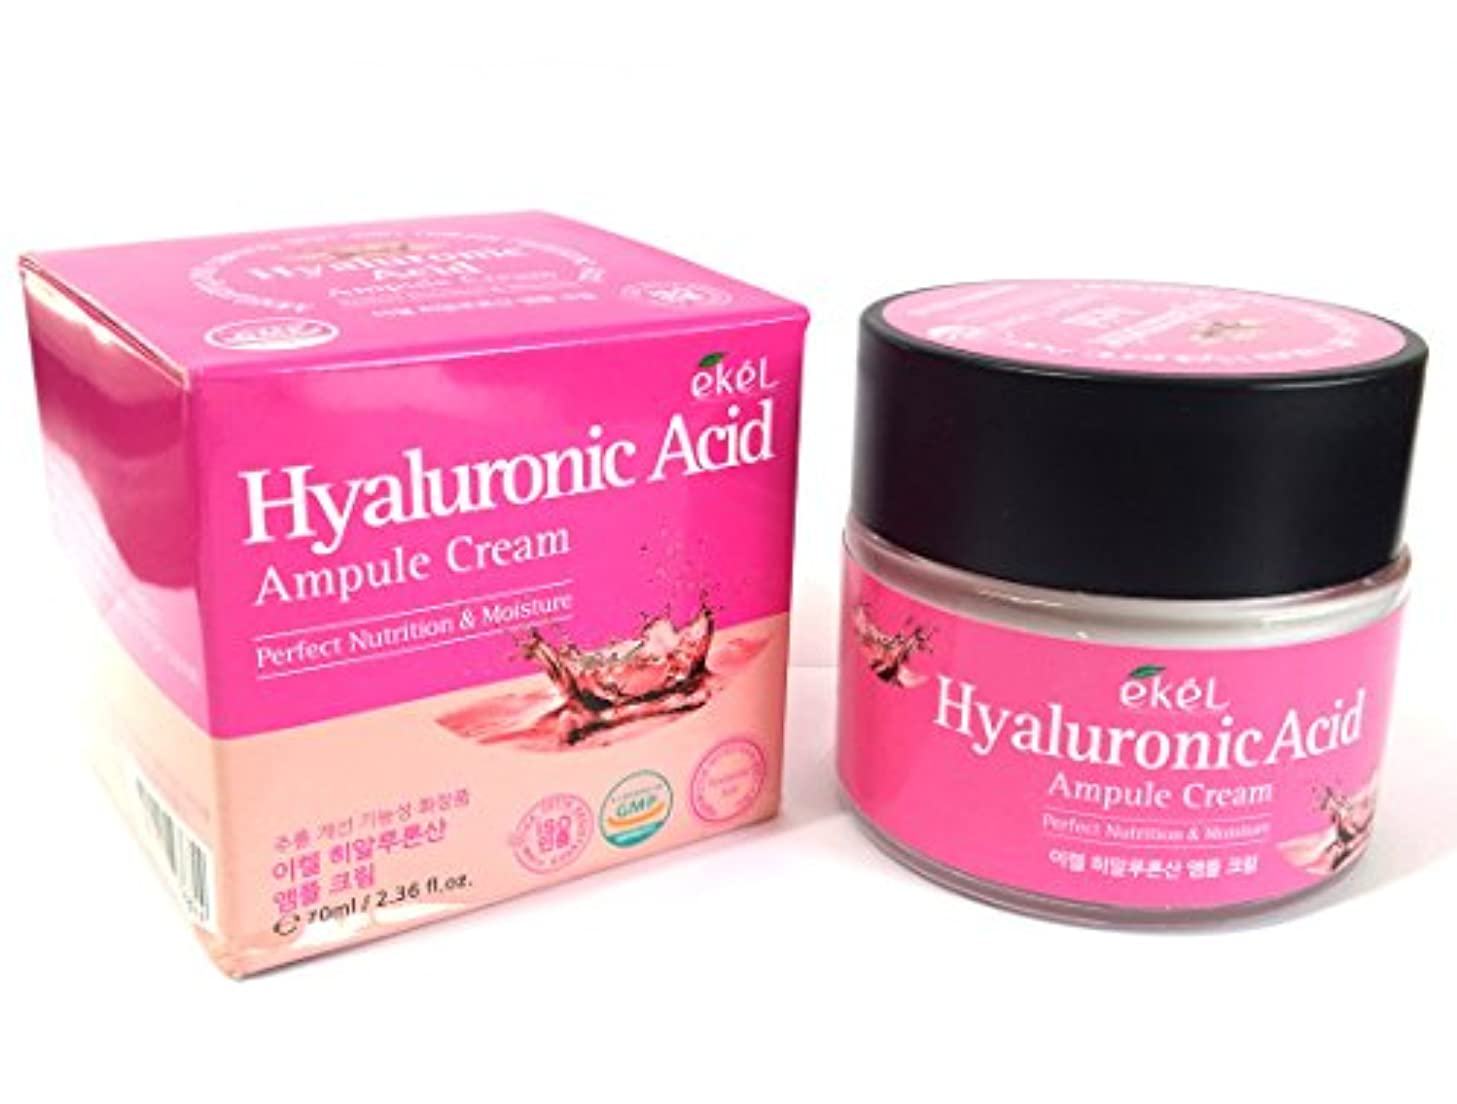 二度キャンベラ等価[EKEL] ヒアルロン酸アンプルクリーム70ml / 完璧な栄養と水分 / 韓国化粧品/ Hyaluronic Acid Ampule Cream 70ml / Perfect Nutrition & Moisture...